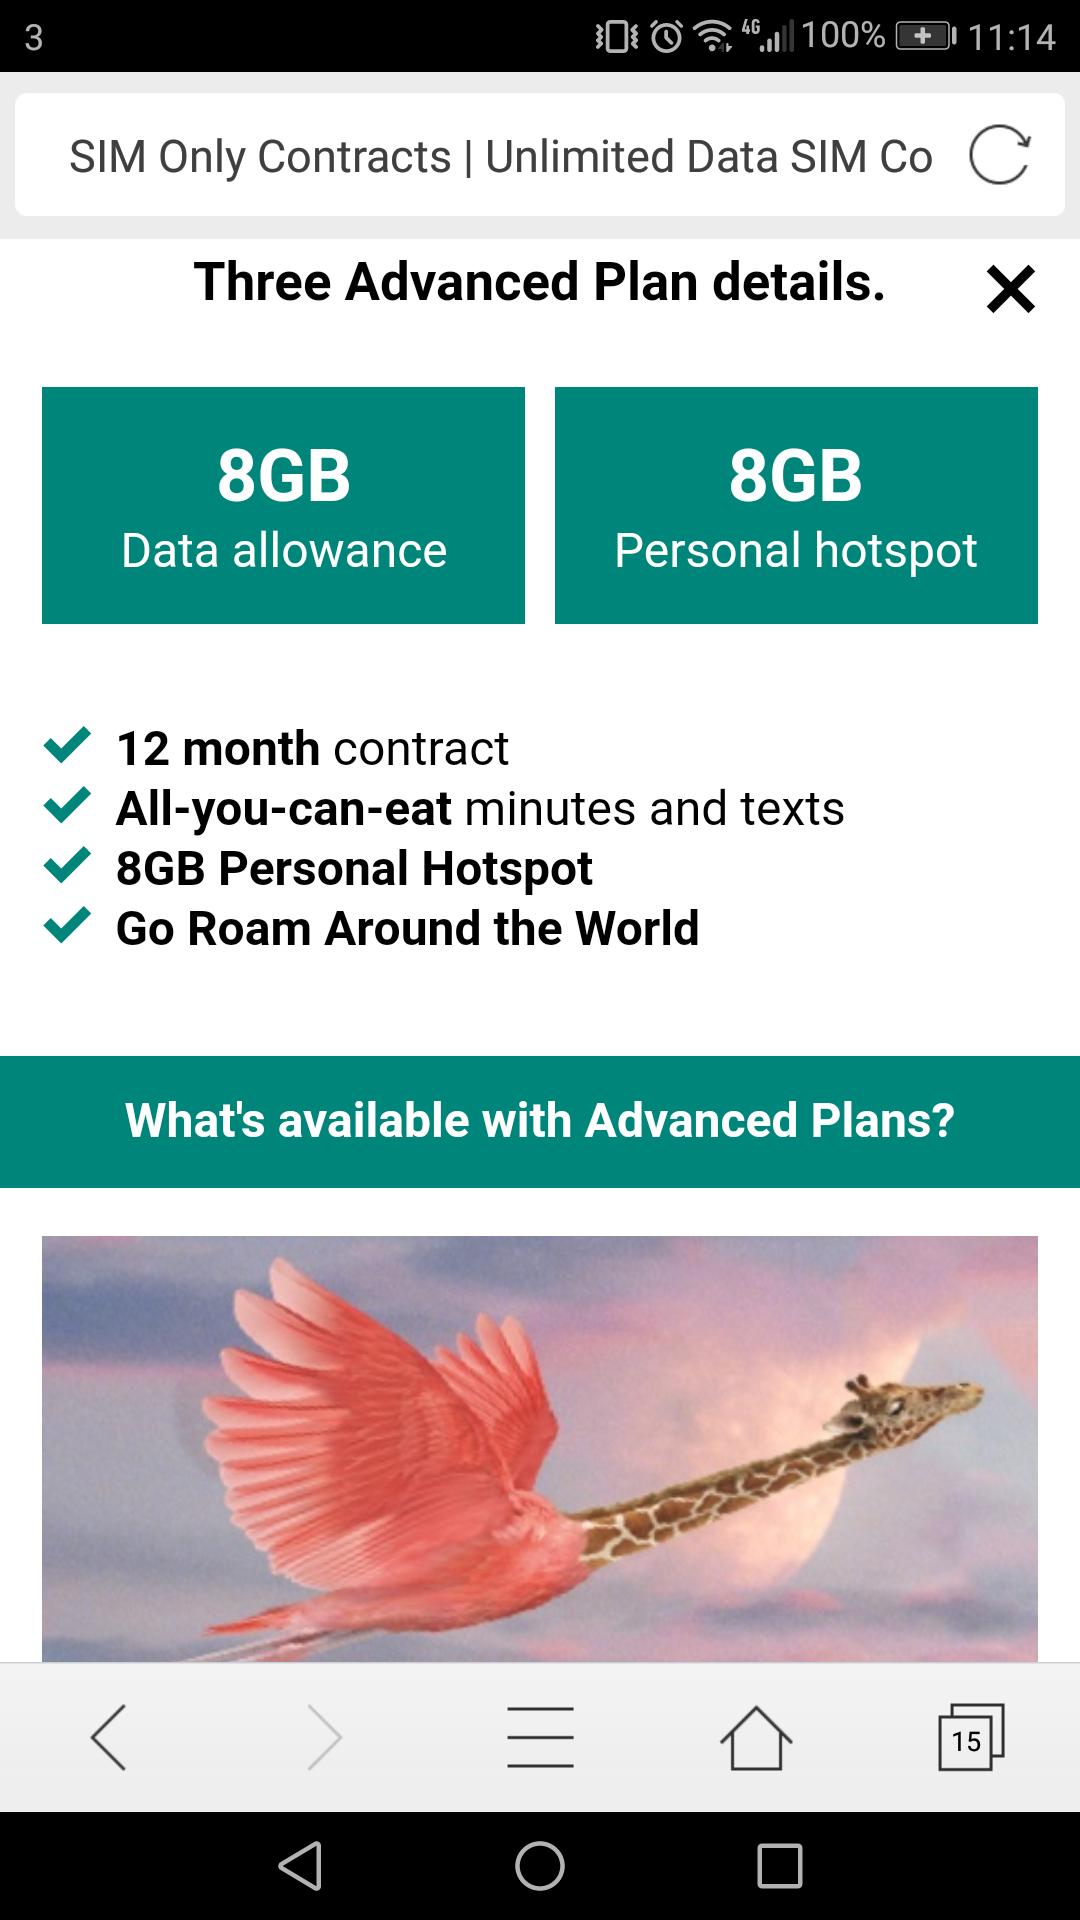 Three sim only 8gb advanced plan £10 p/m 12 months  (retention via we chat)